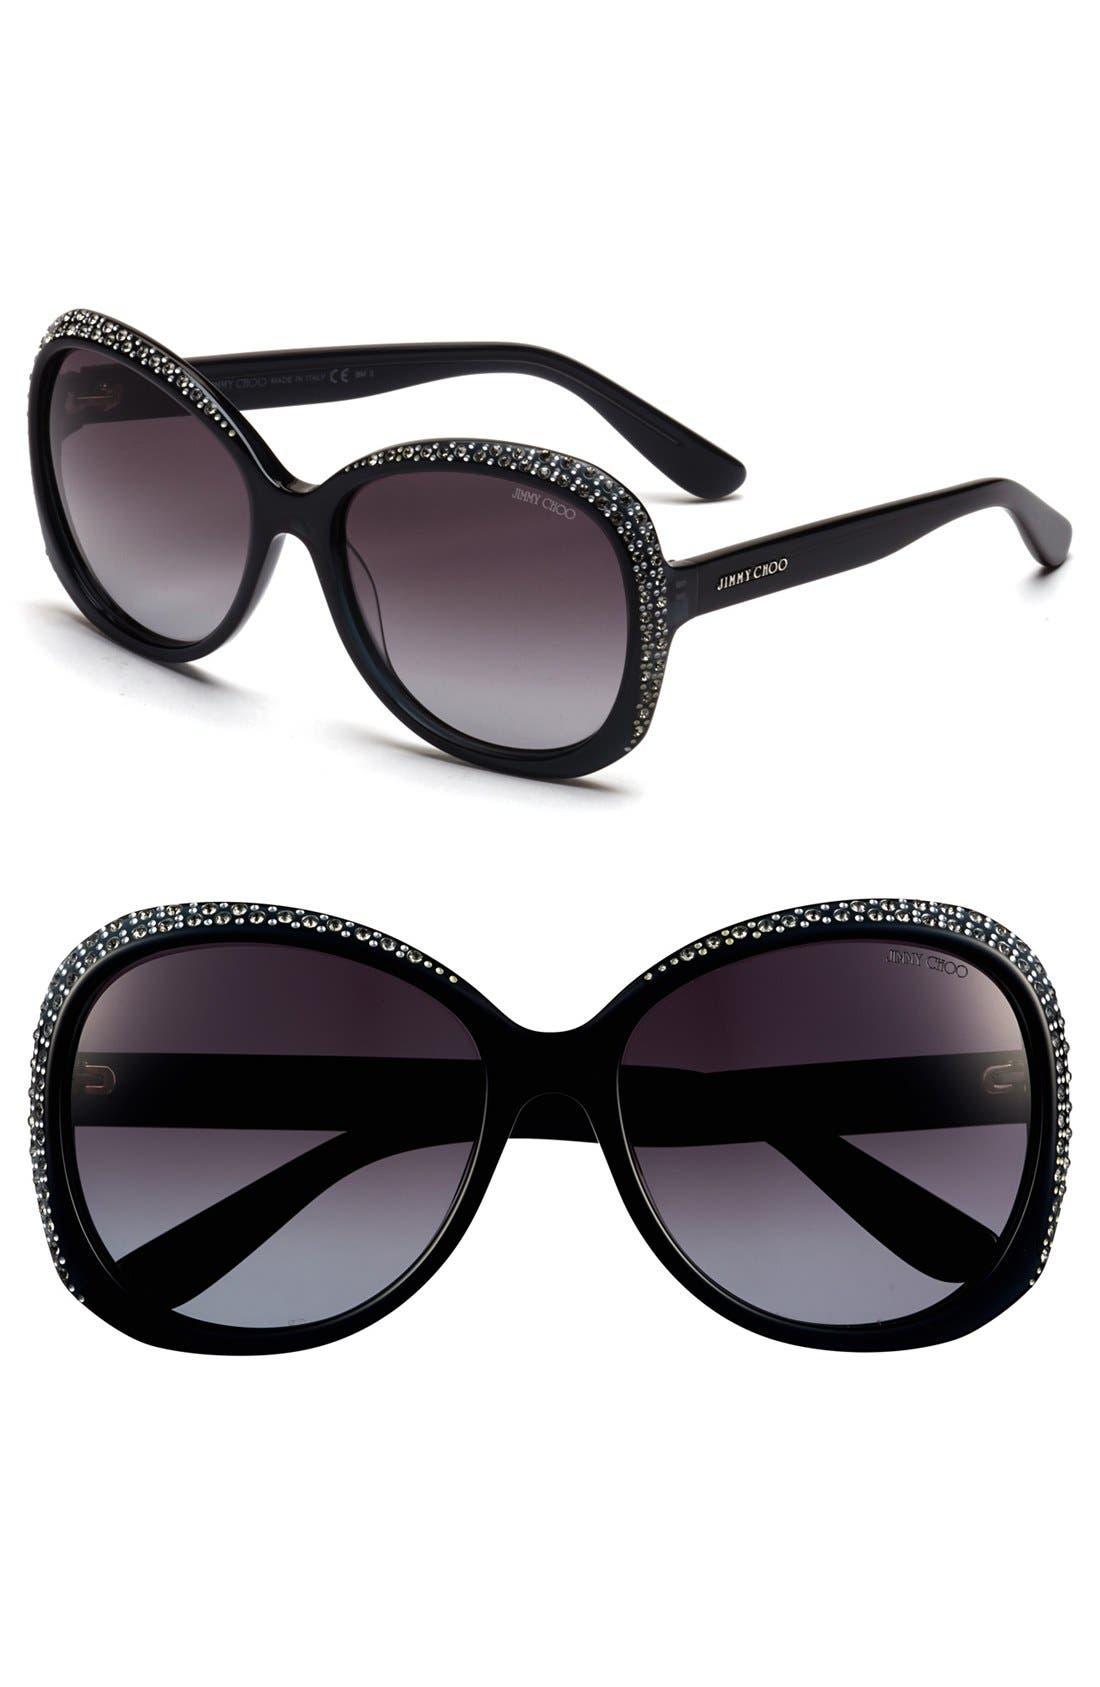 Main Image - Jimmy Choo 58mm Sunglasses